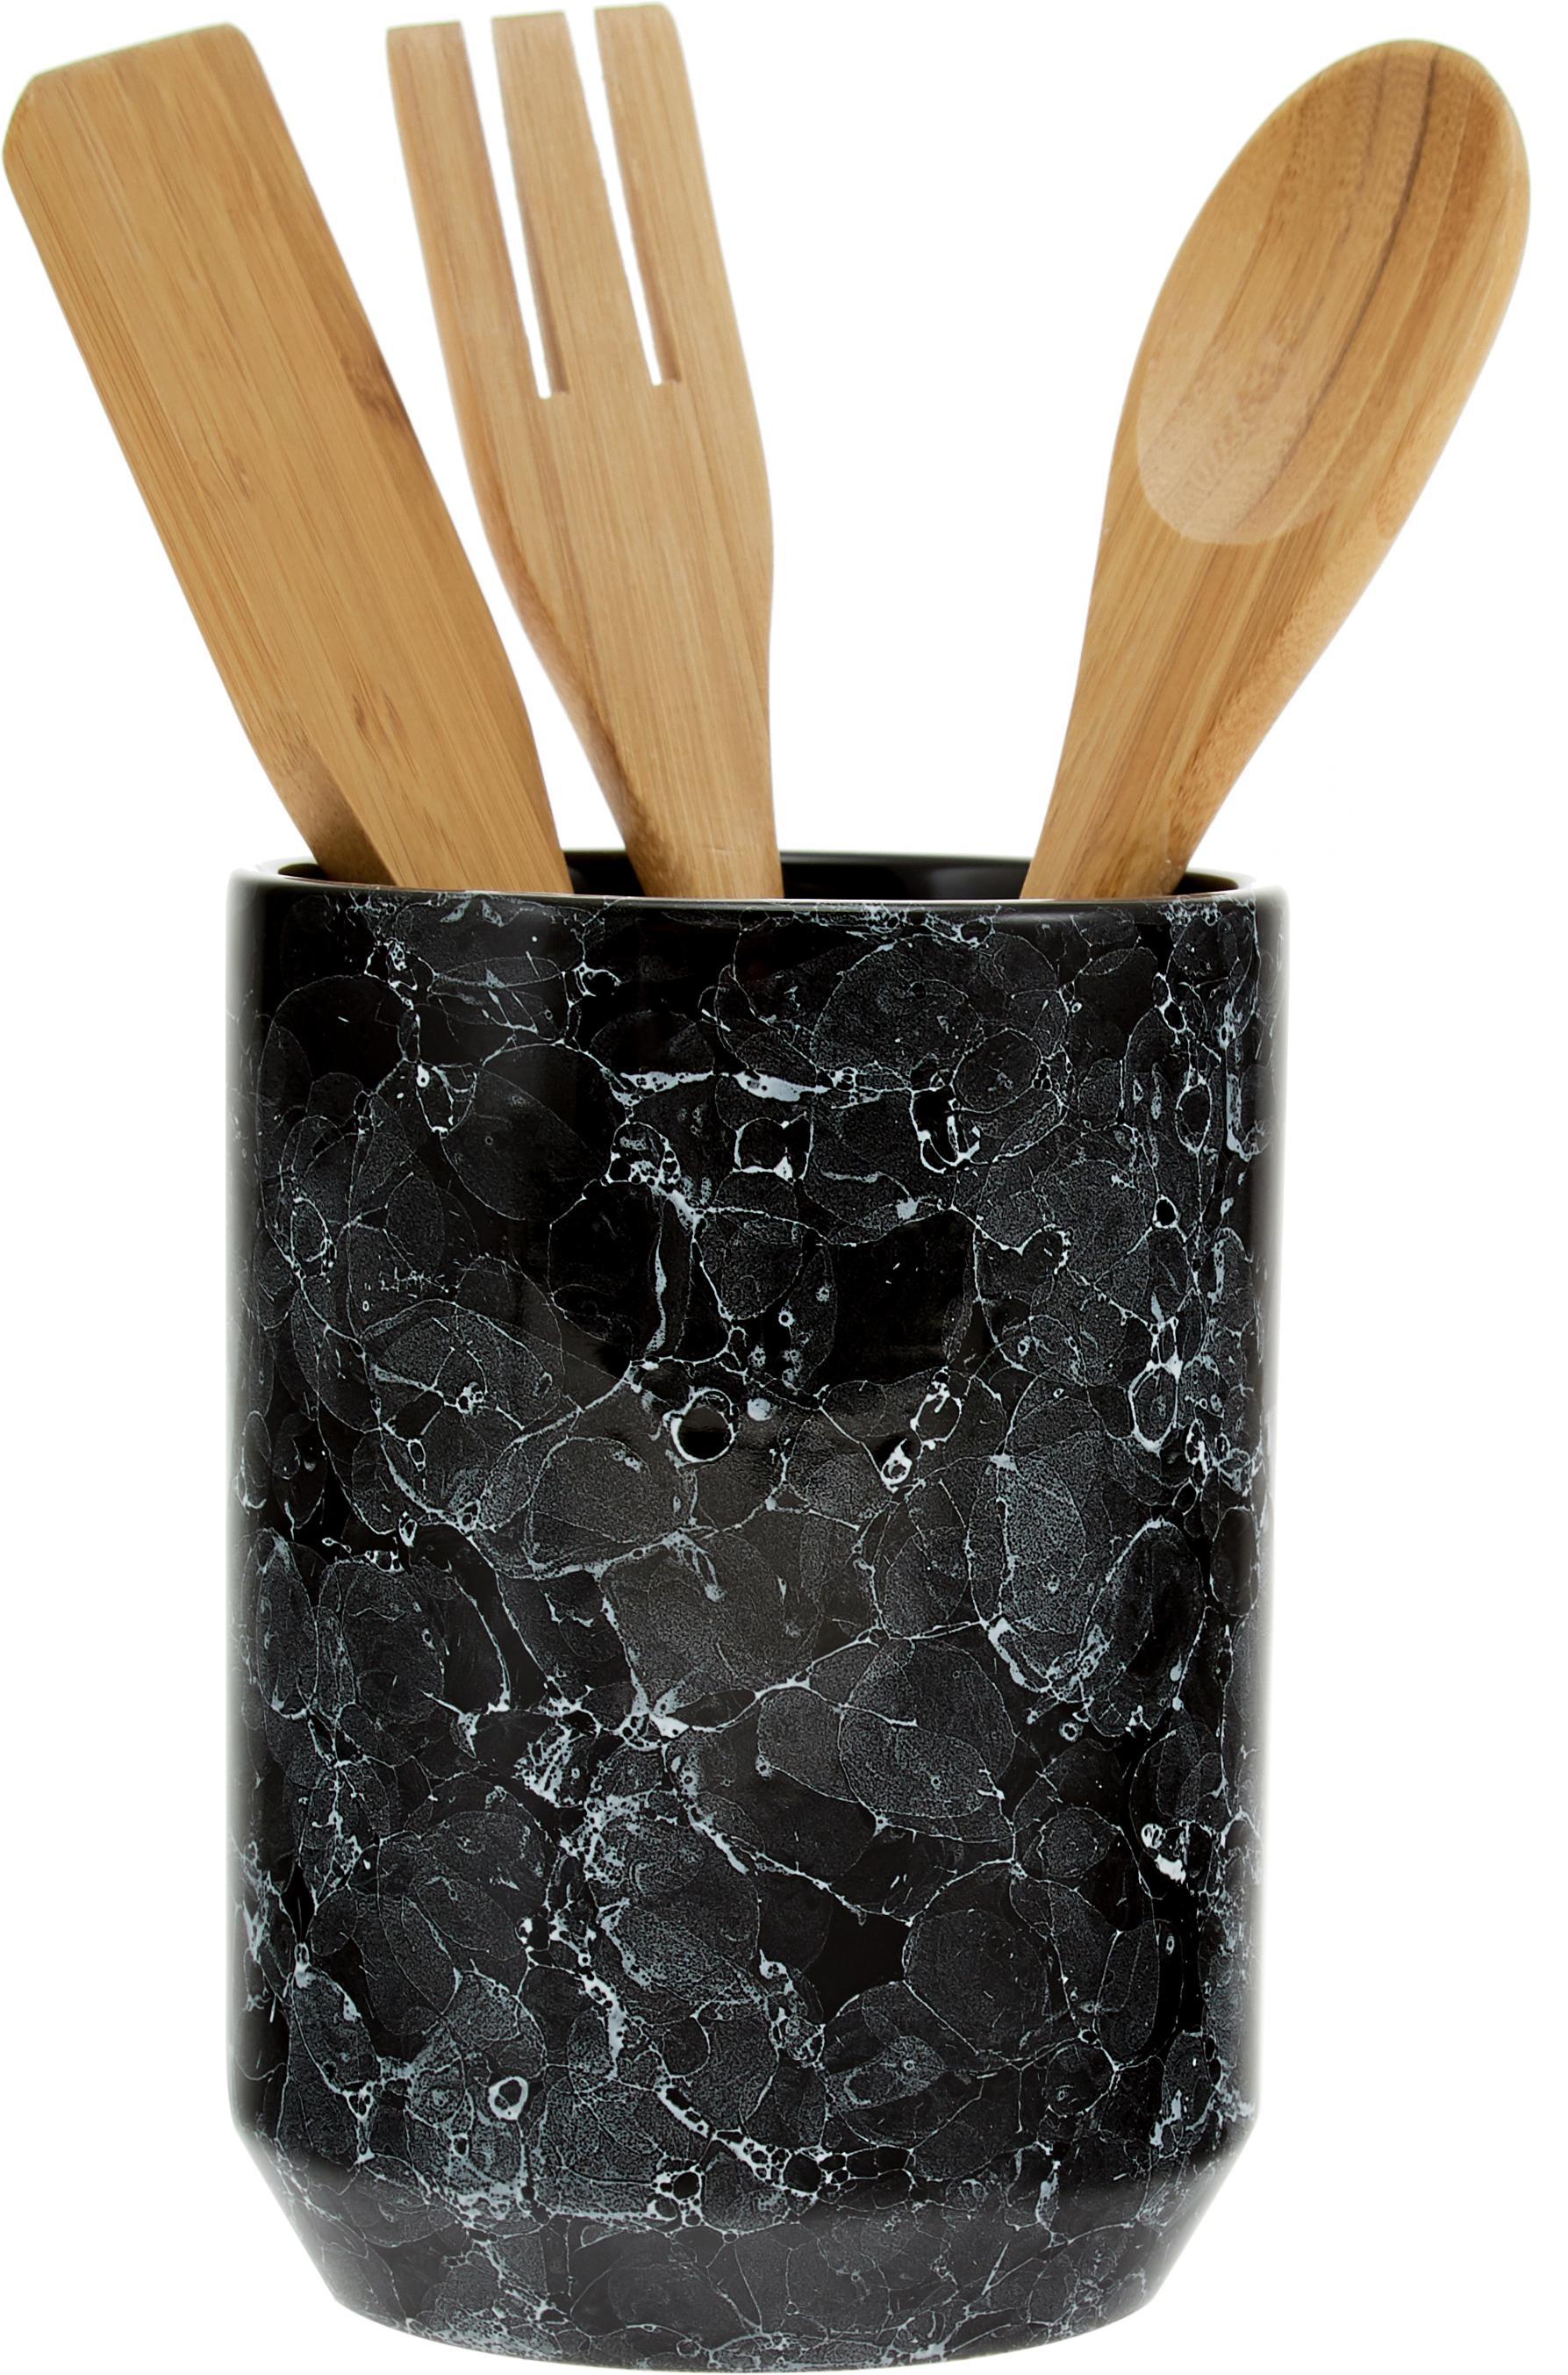 Komplet sztućców kuchennych Bubble, 4 elem., Czarny, brązowy, Ø 11 x W 24 cm